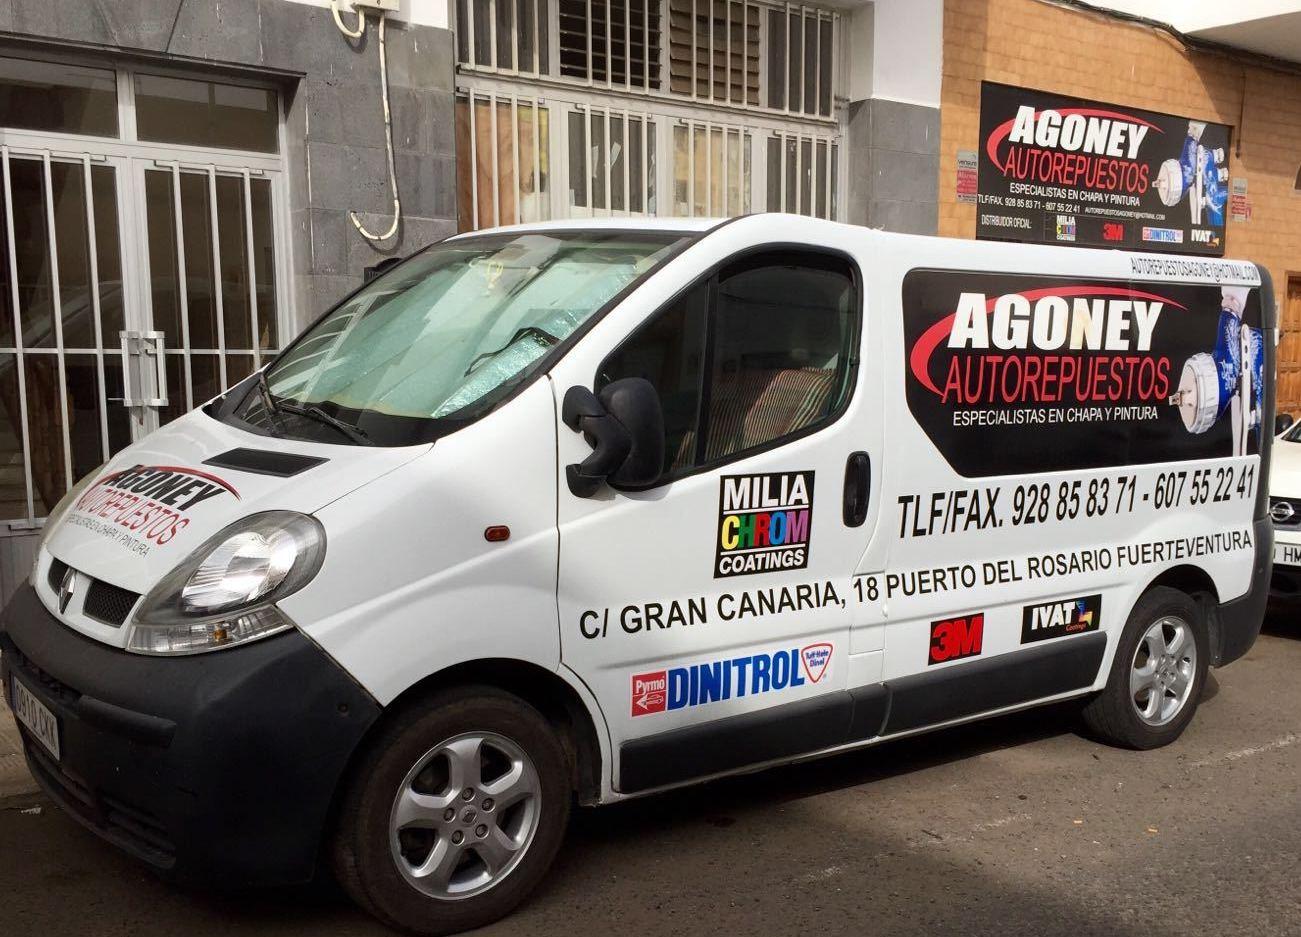 Foto 6 de Recambios para automóviles en Puerto del Rosario | Agoney Autorepuestos